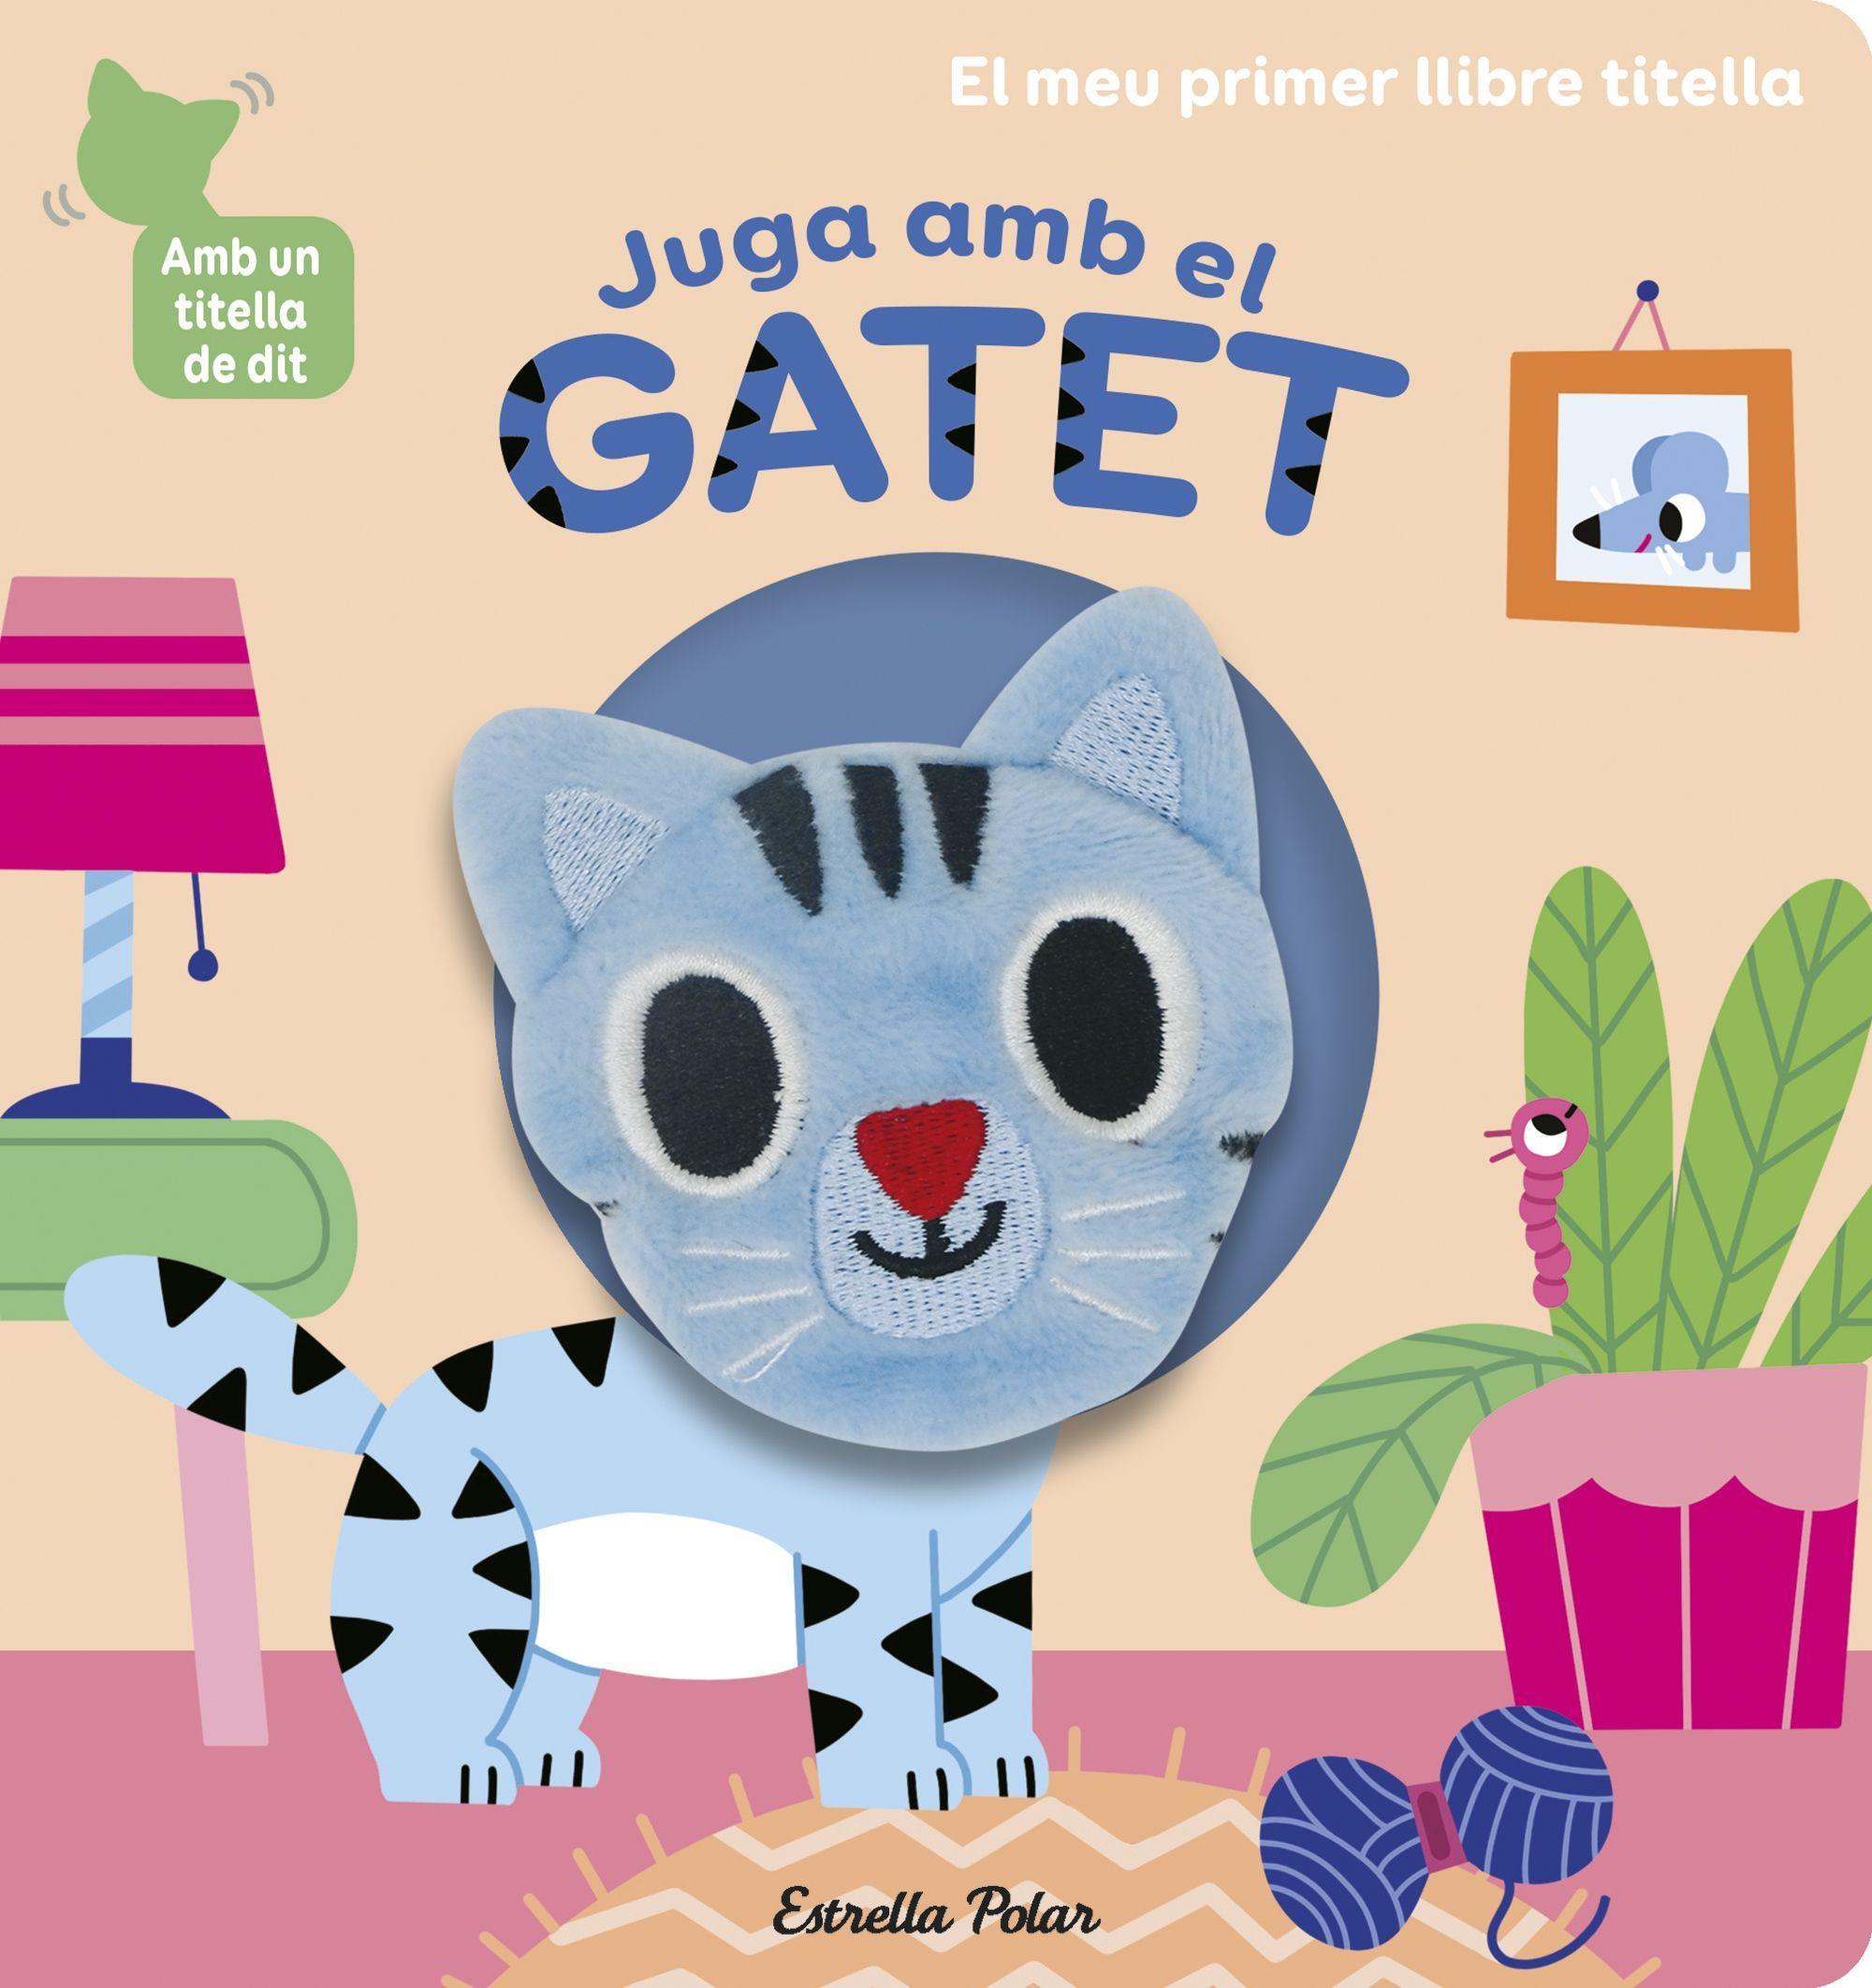 JUGA AMB EL GATET LLIBRE TITELLA